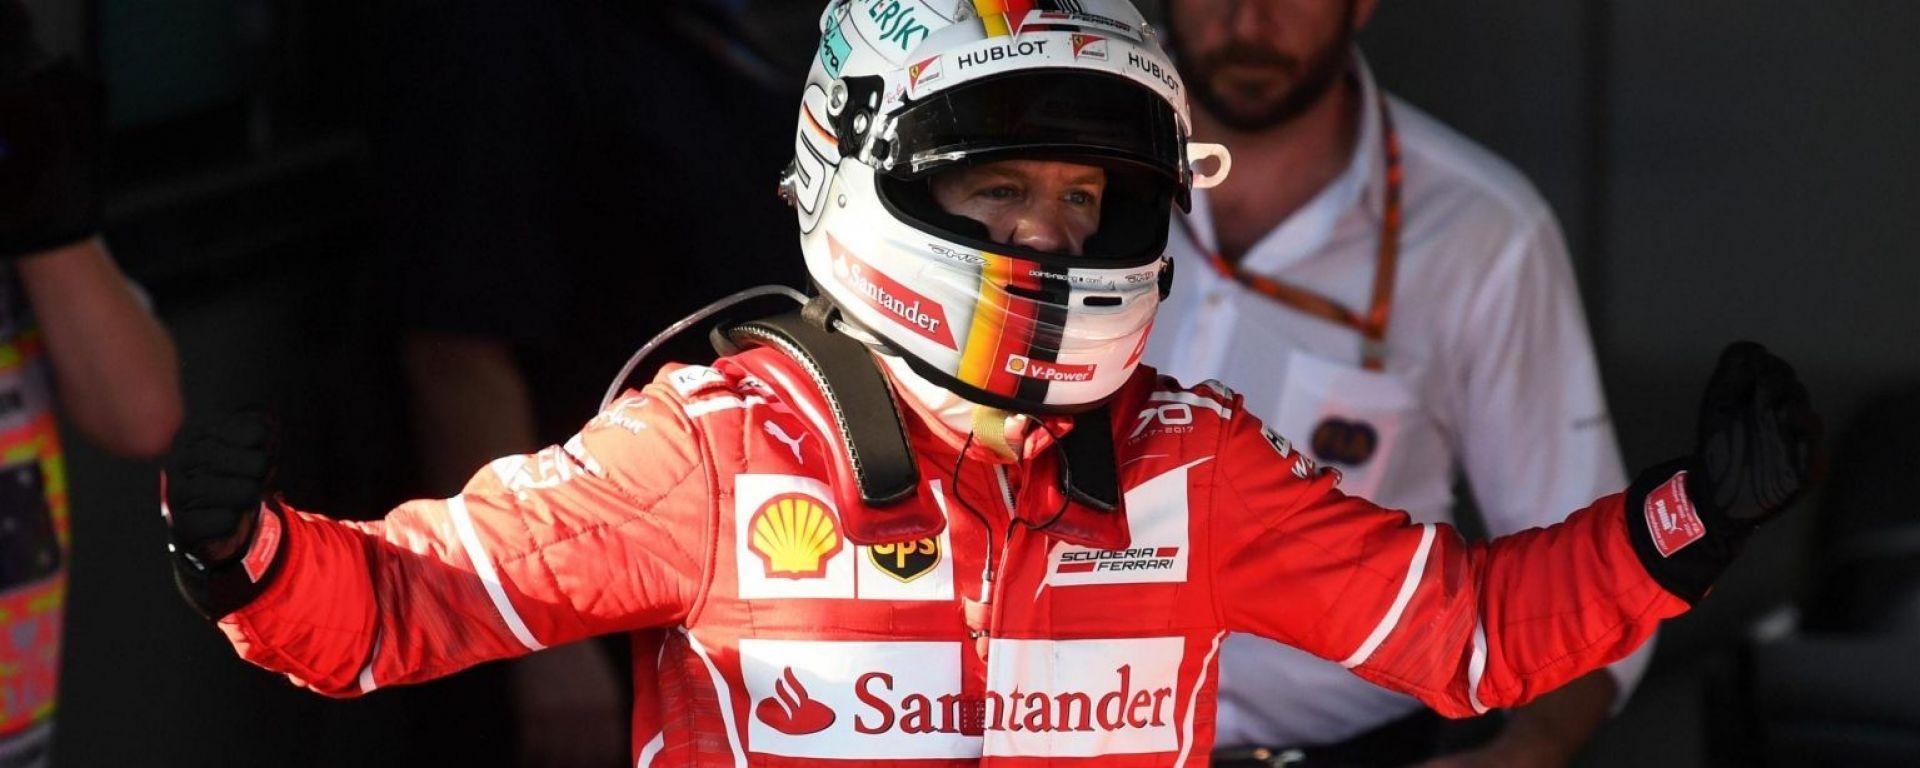 F1 2017 GP Australia Sebastian Vettel